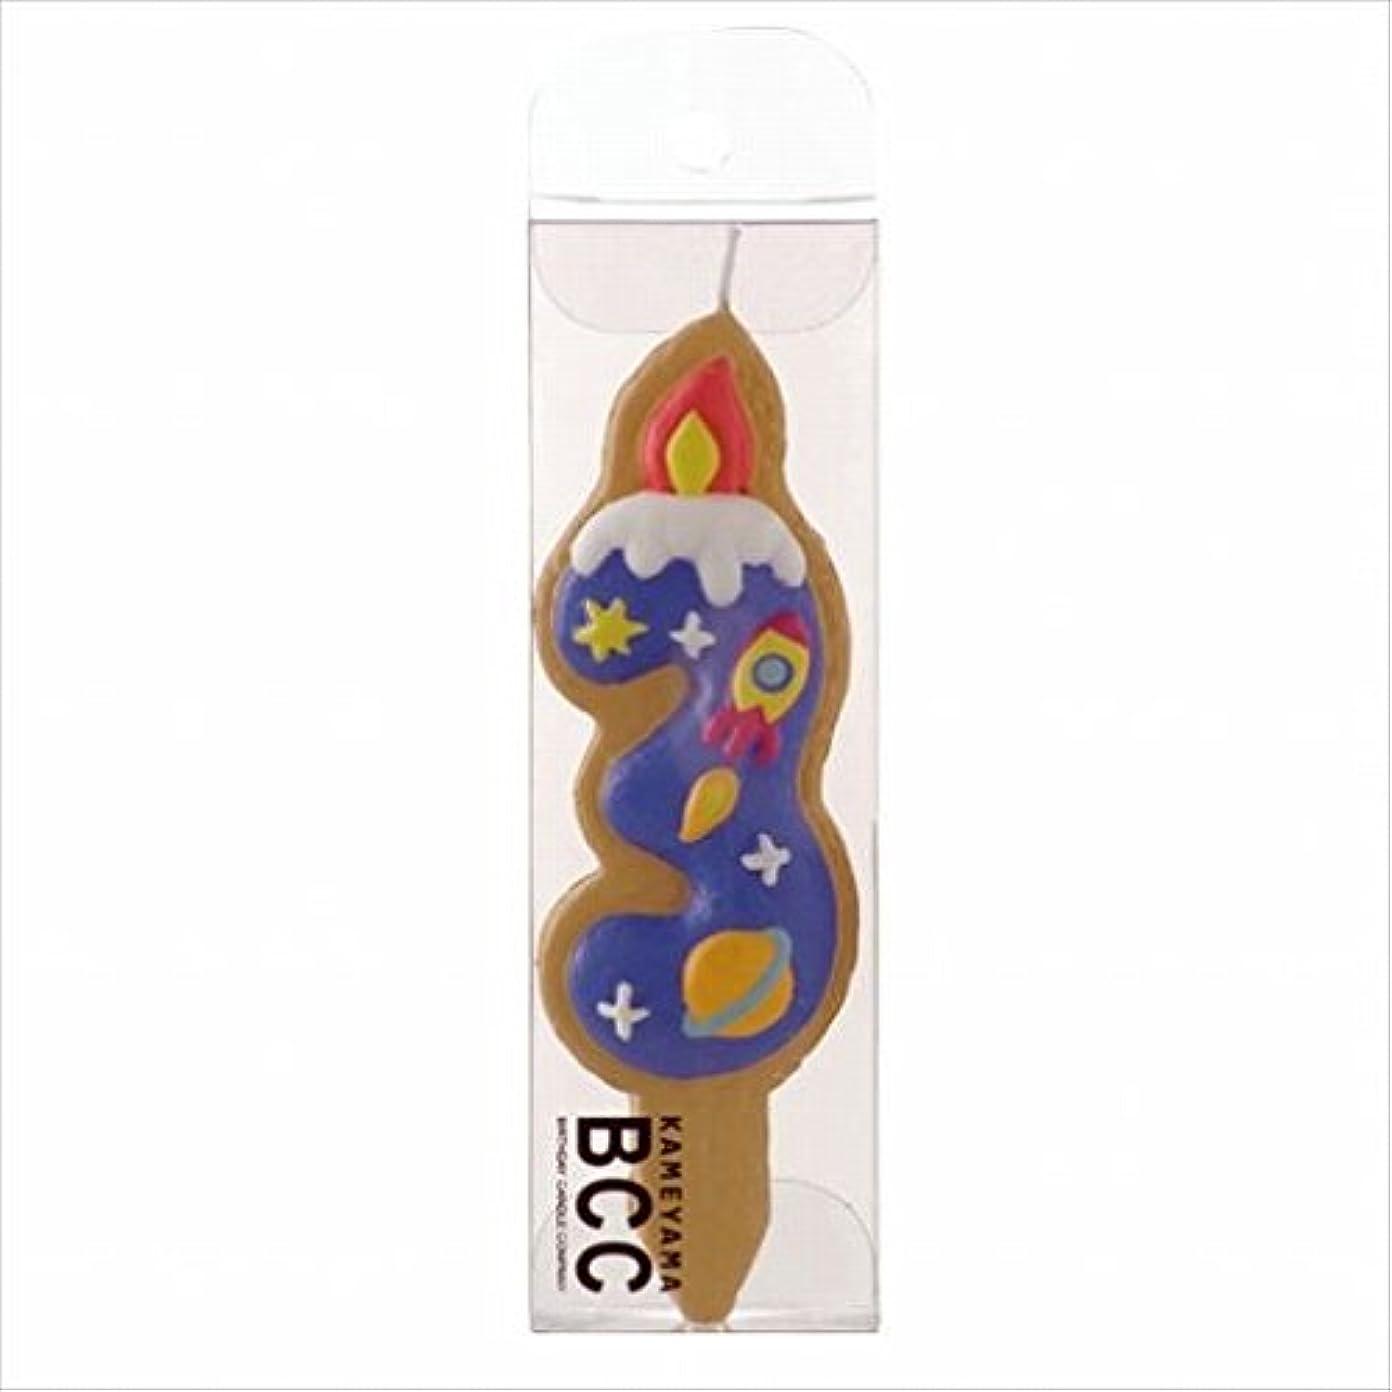 利益称賛敬意を表するカメヤマキャンドル( kameyama candle ) クッキーナンバーキャンドル 3番 ロケット ケーキ用